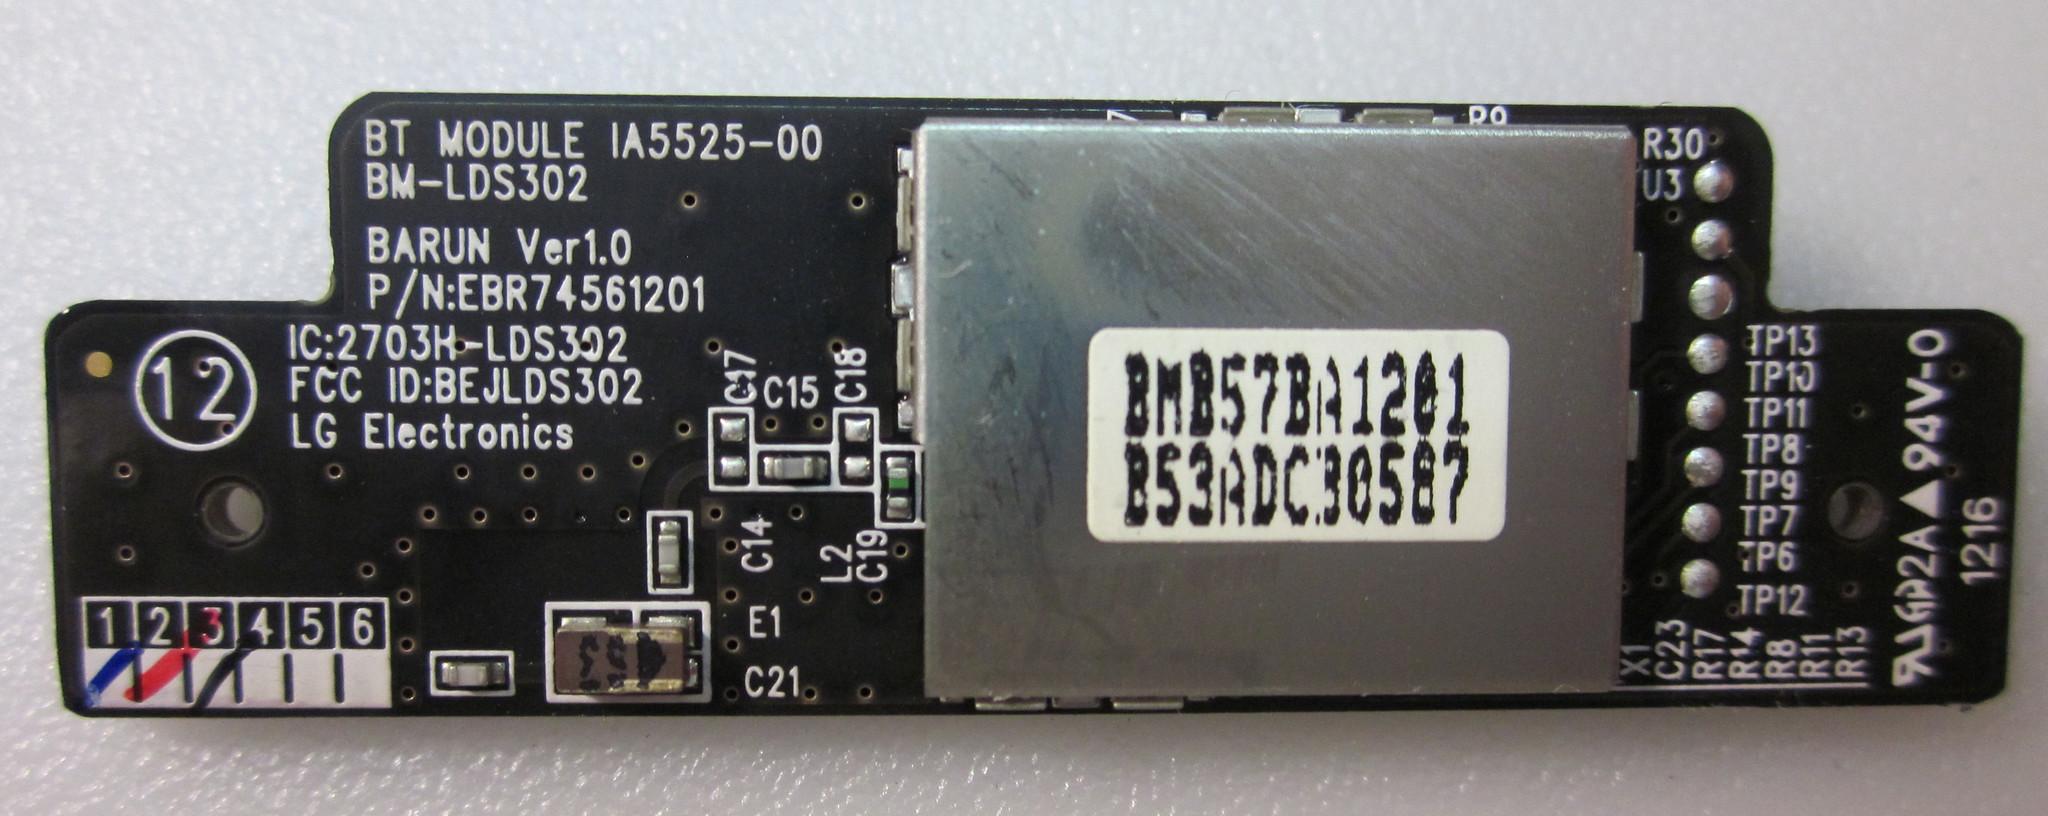 EBR74561201 Bluetooth BT control module